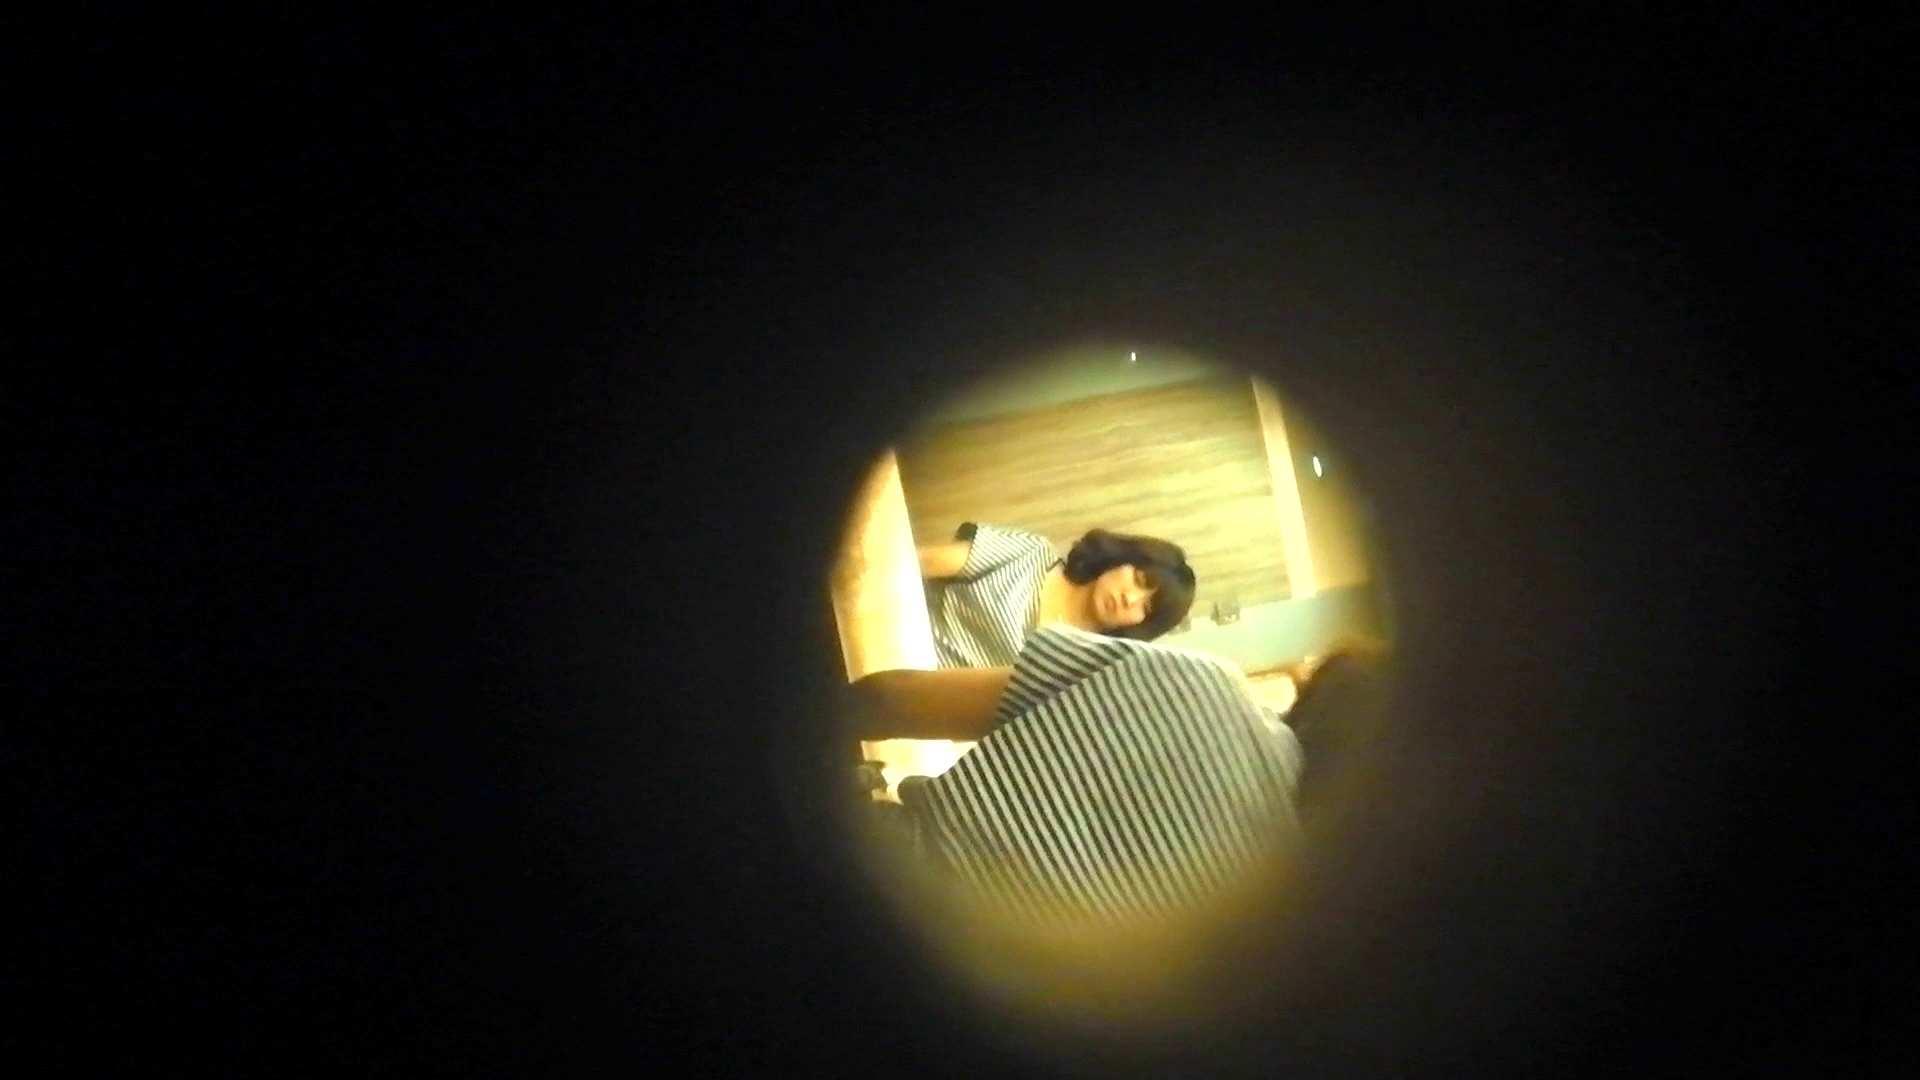 阿国ちゃんの「和式洋式七変化」No.12 お姉さん攻略 すけべAV動画紹介 99画像 16